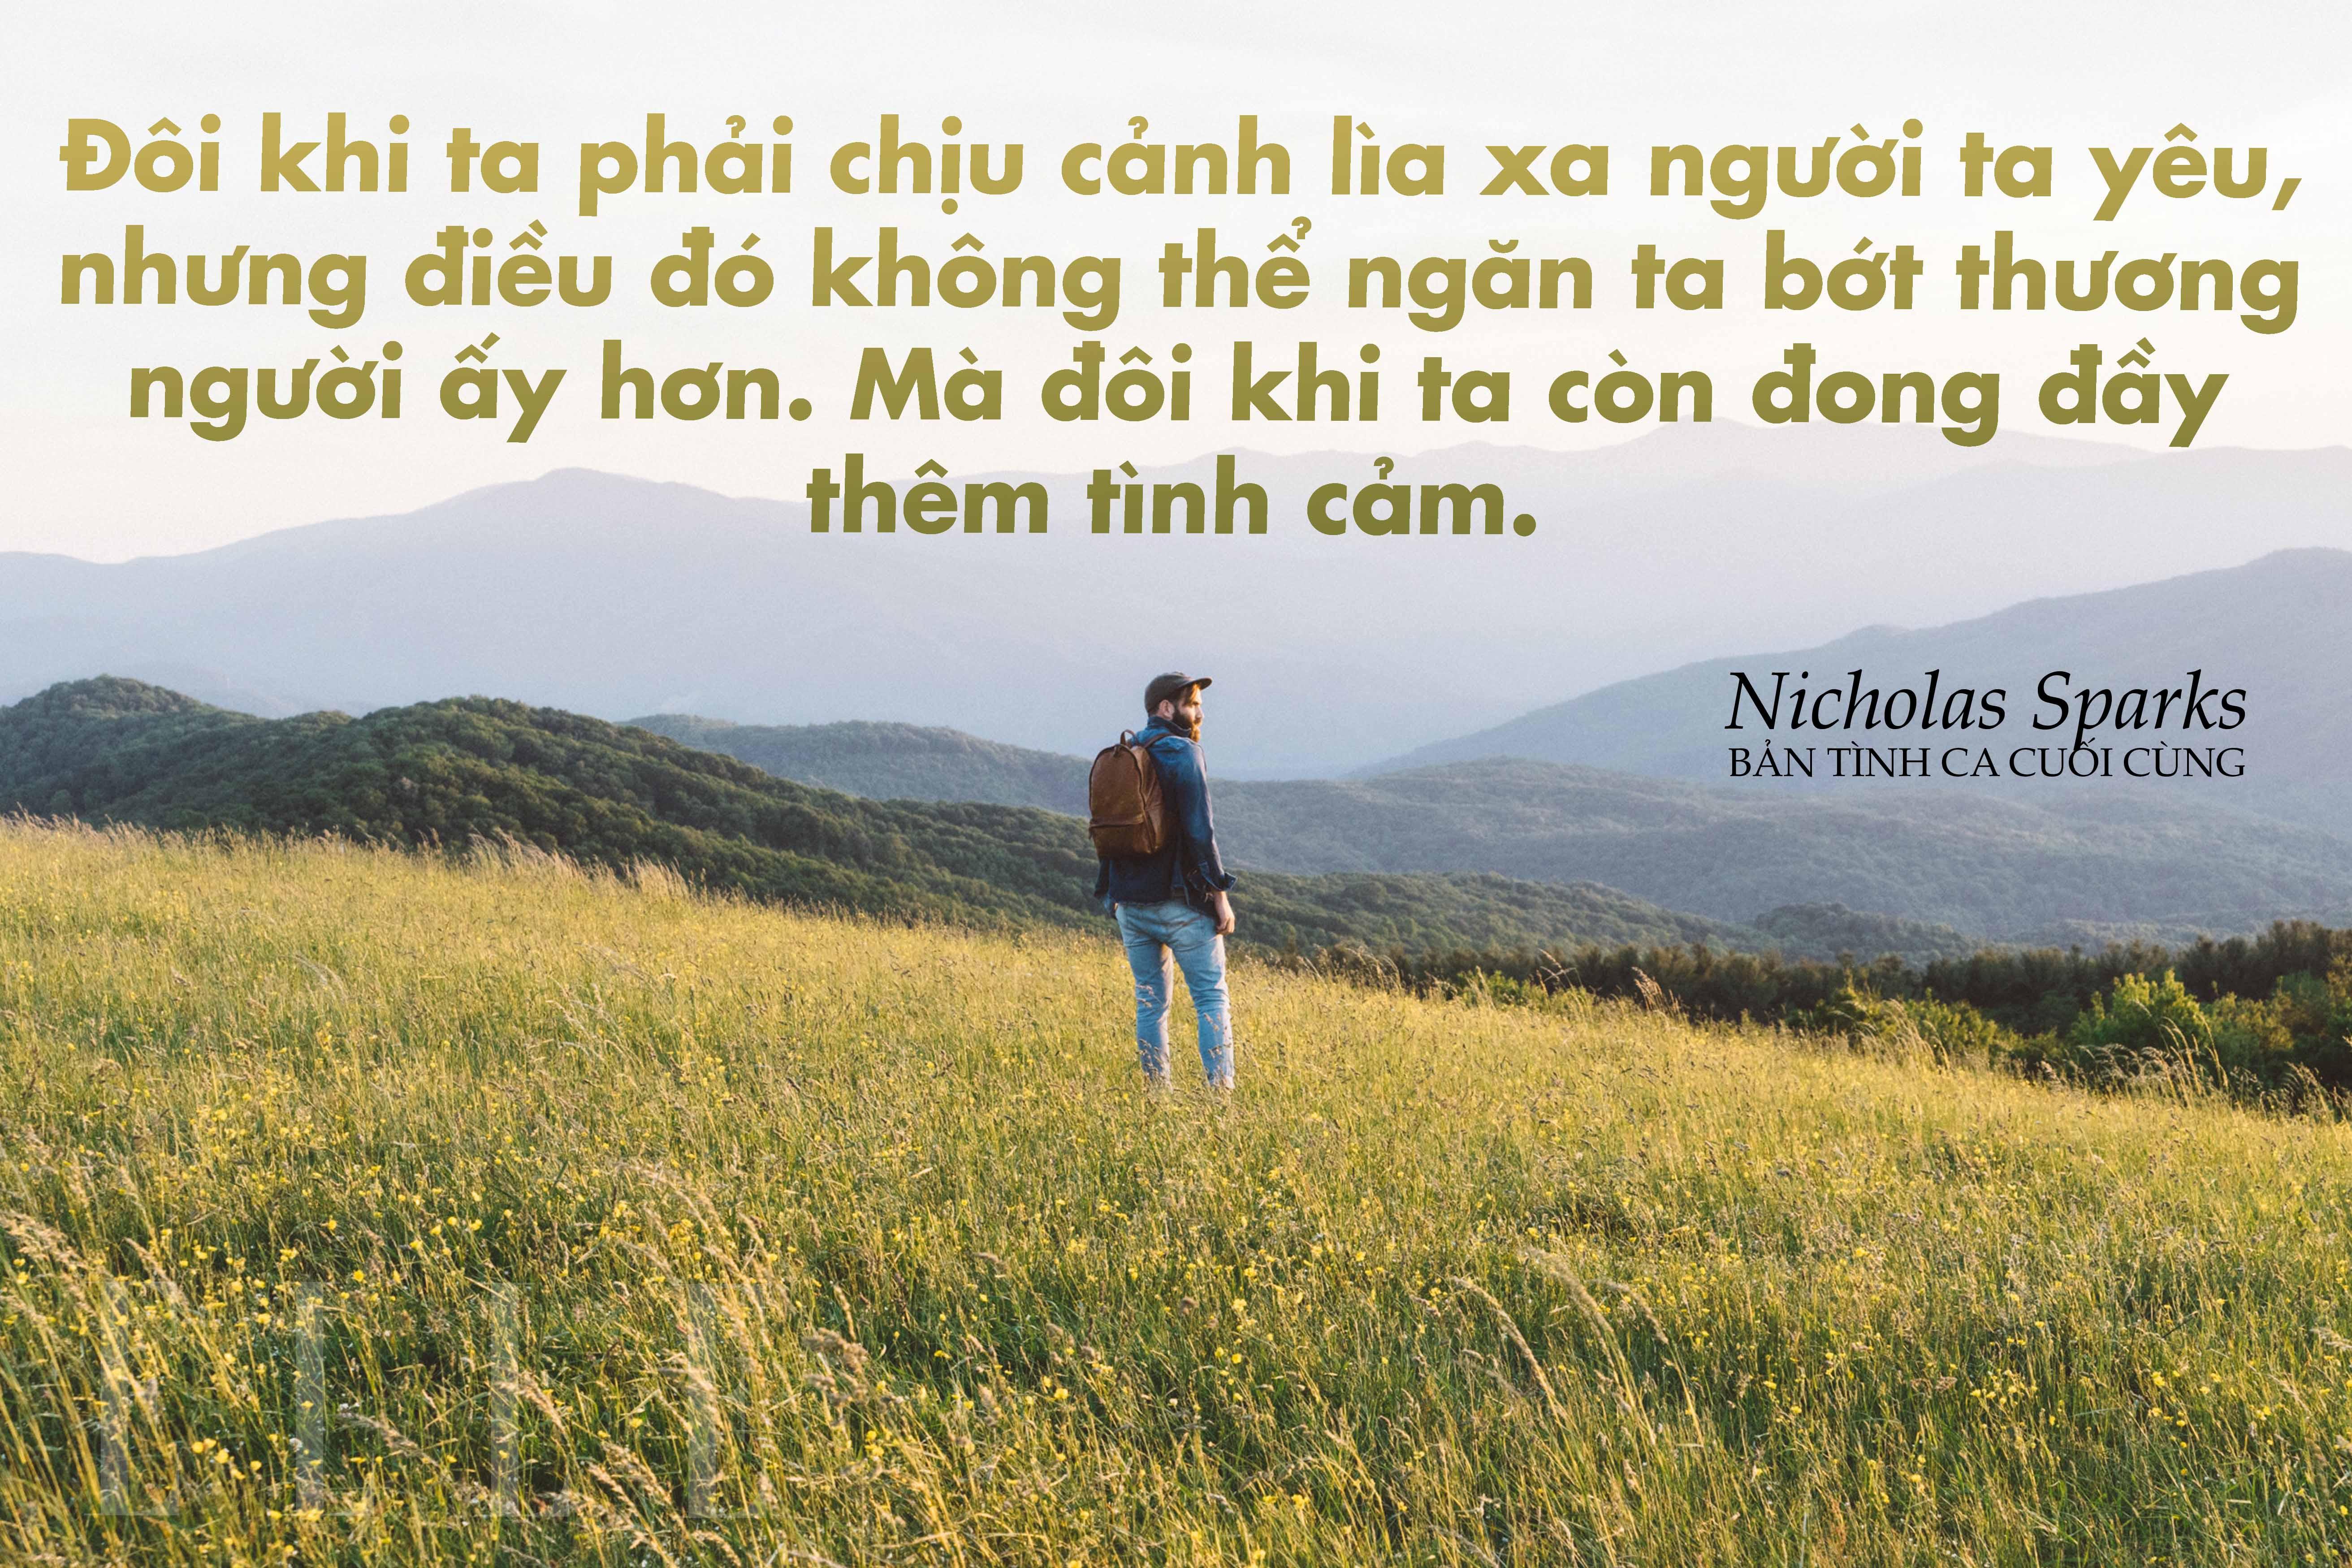 Nicholas Sparks 6